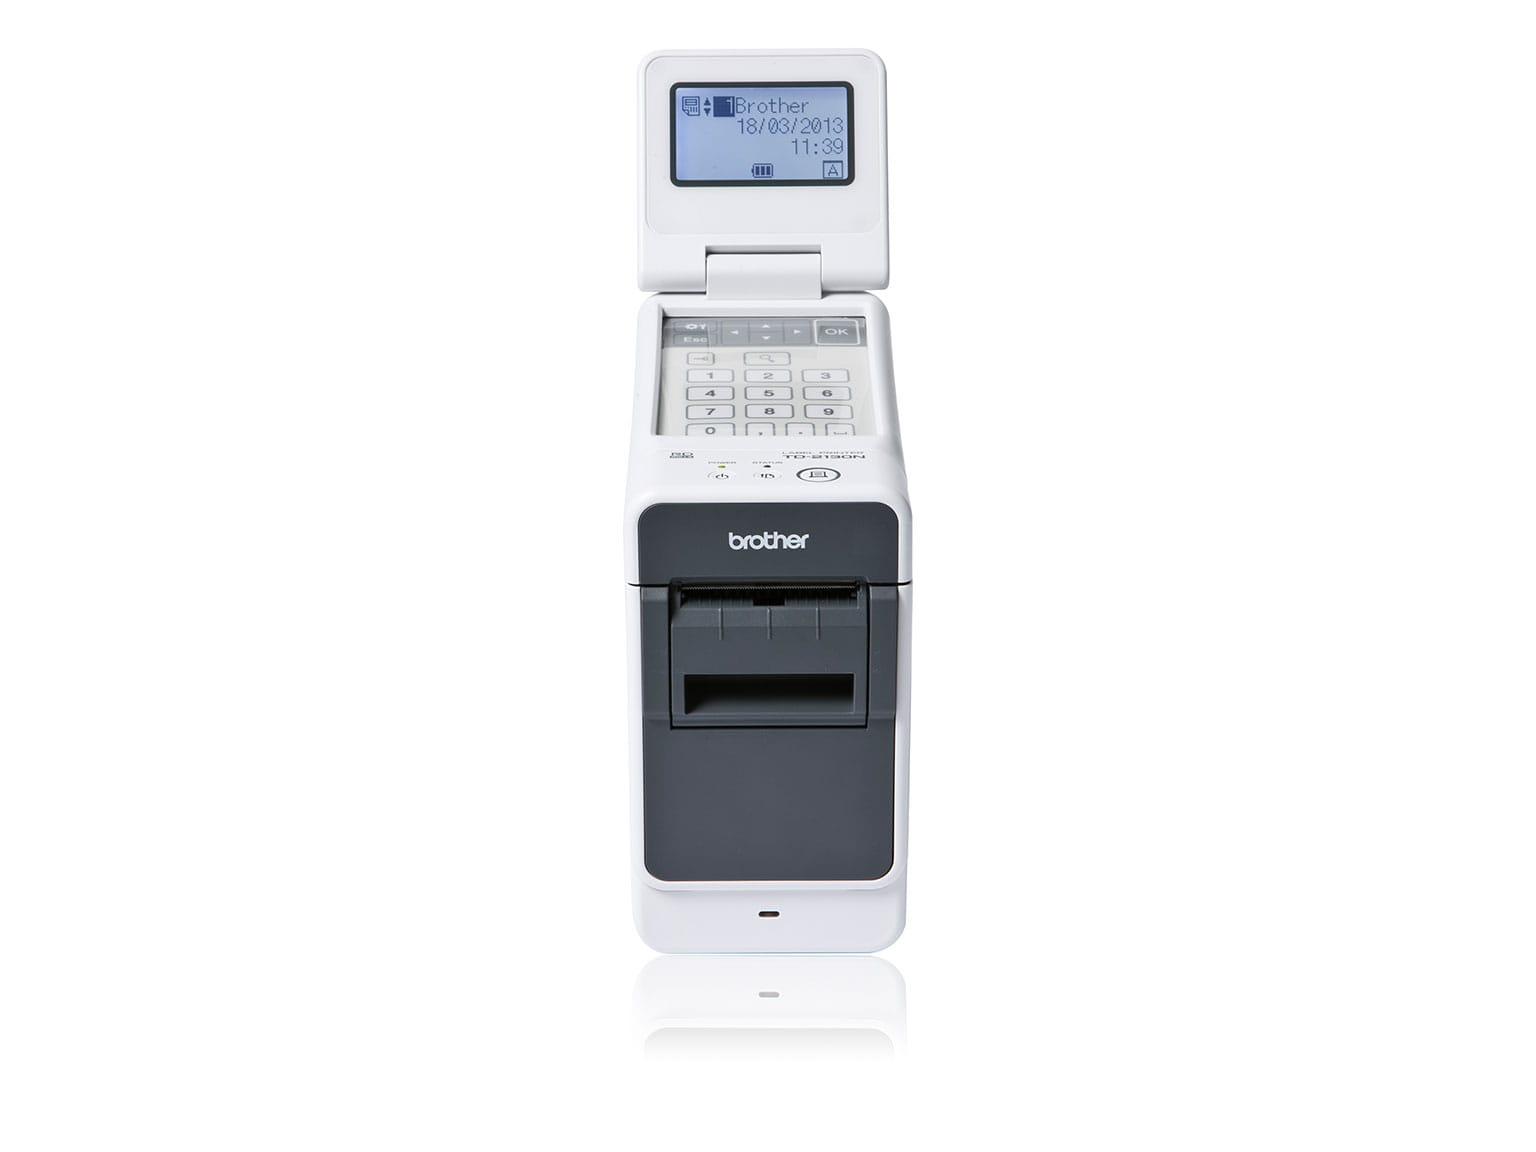 Brother mobilni tiskalnik TD-3120